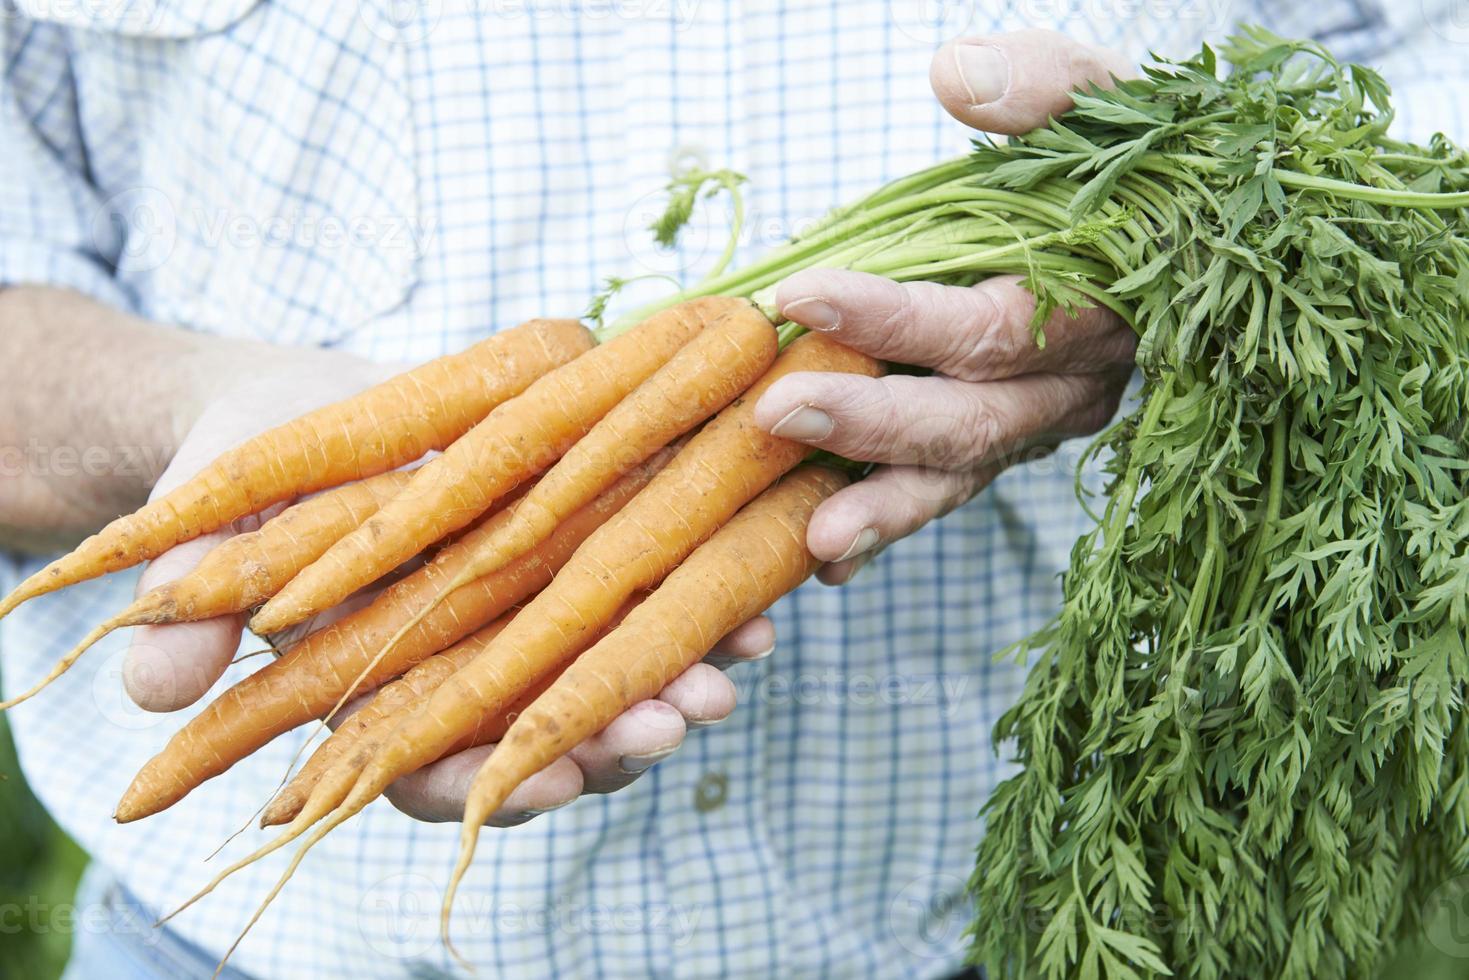 Nahaufnahme des Mannes, der frisch gepflückte Karotten hält foto